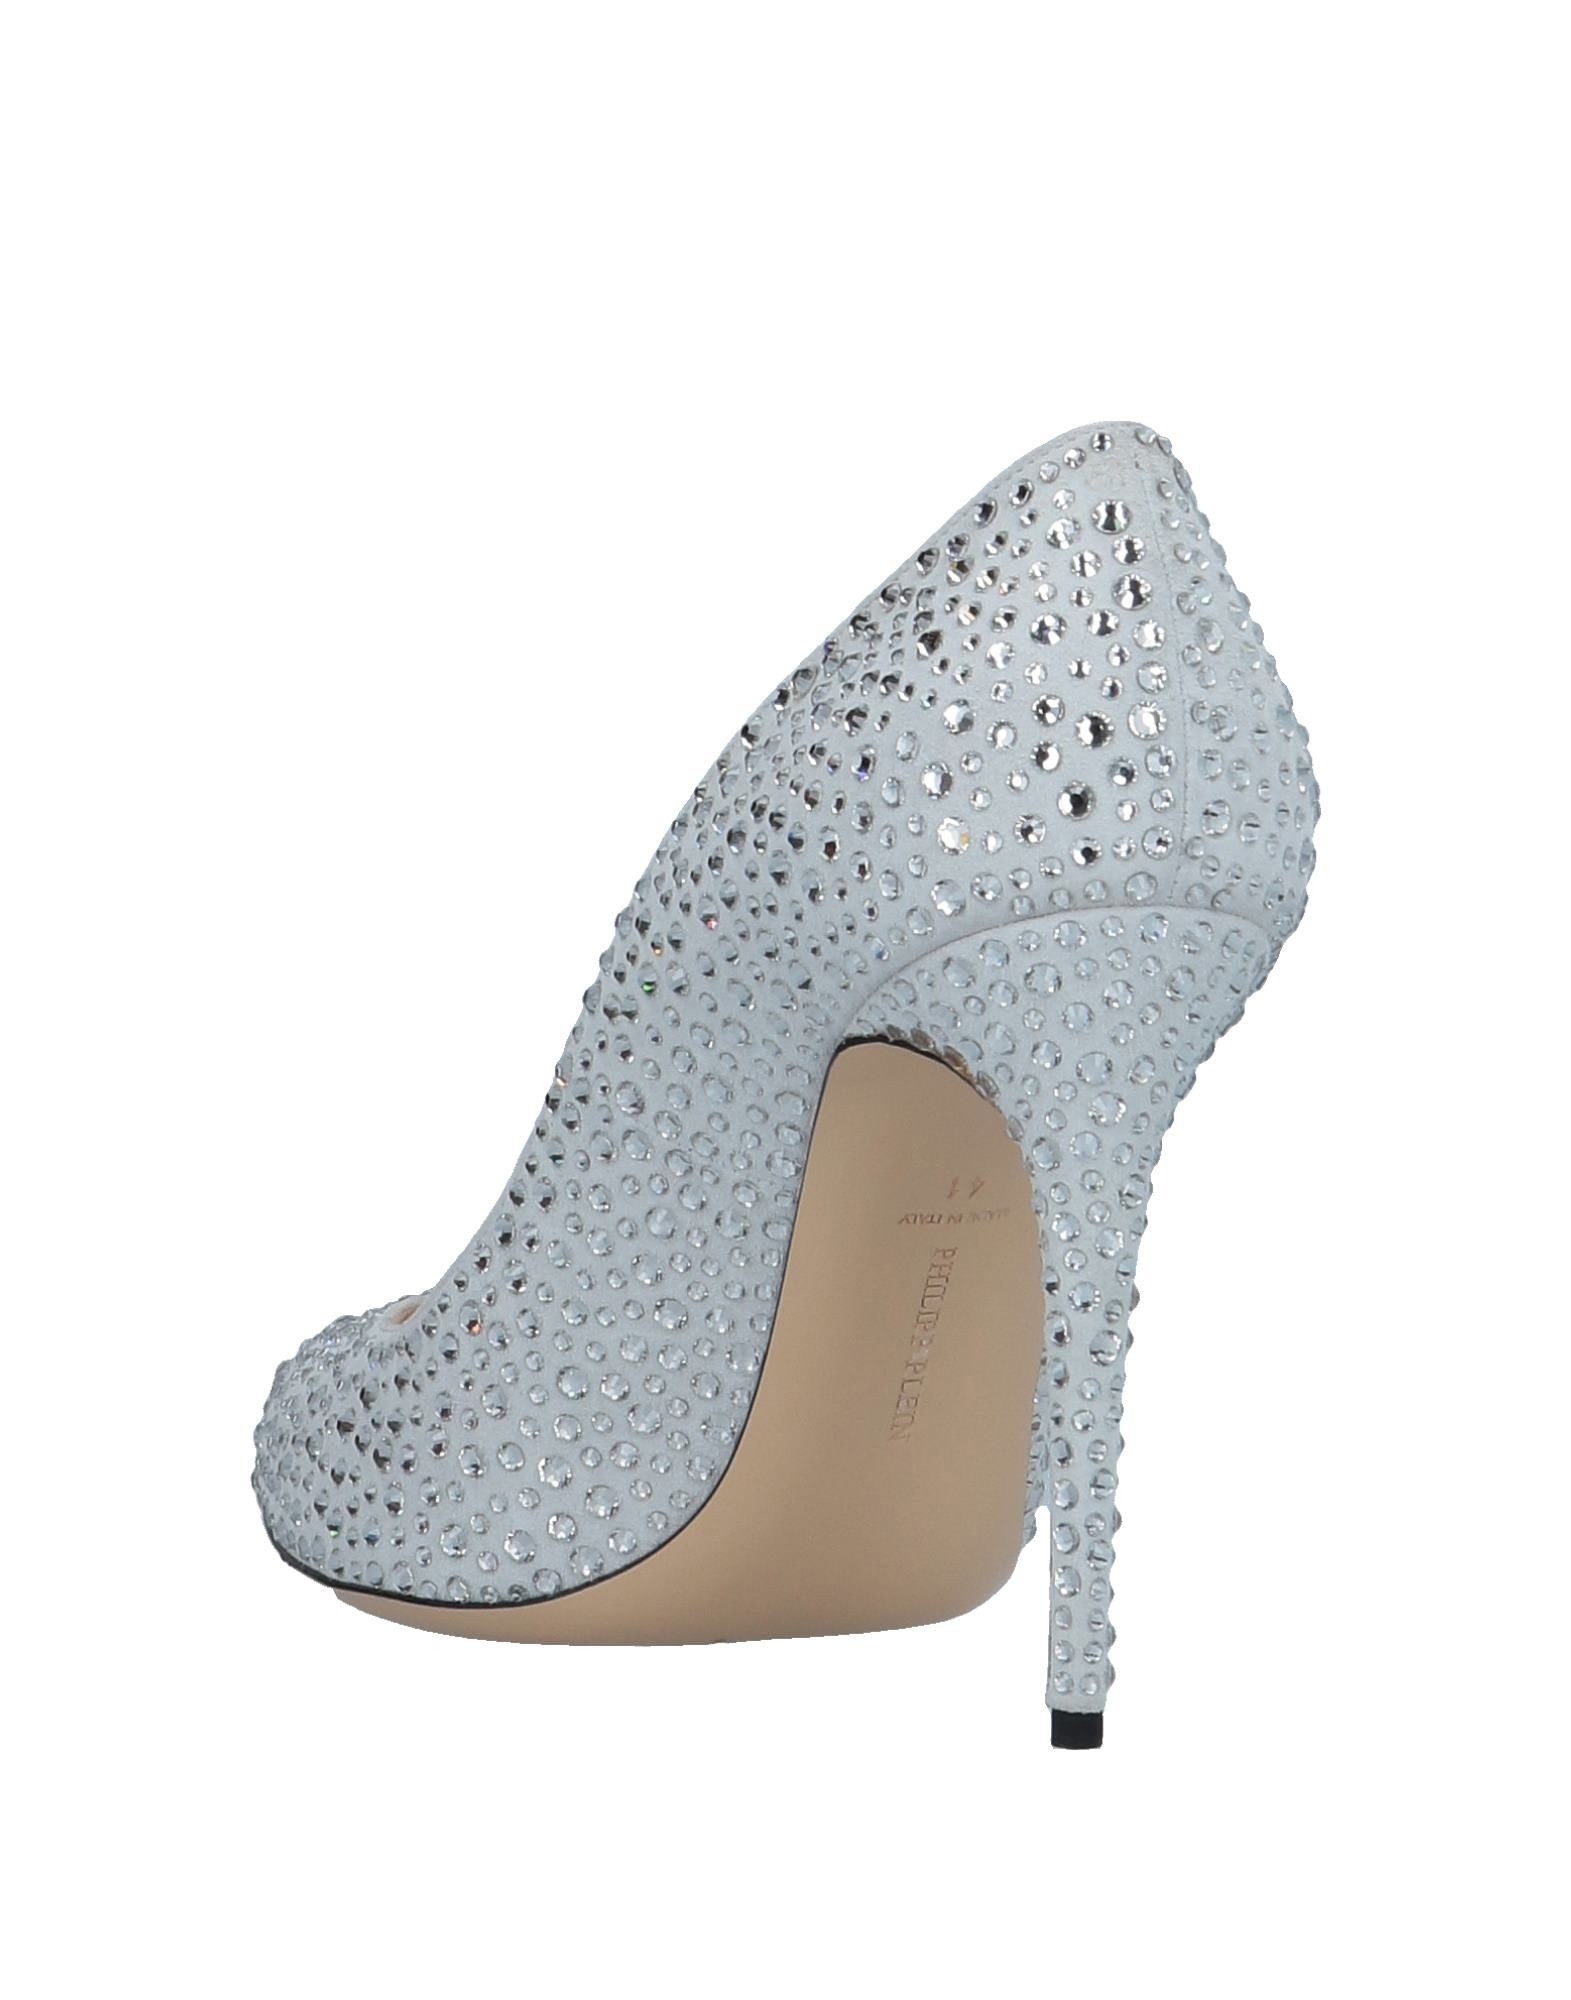 Philipp Plein Pumps Damen Schuhe  11543939HDGünstige gut aussehende Schuhe Damen 94f218